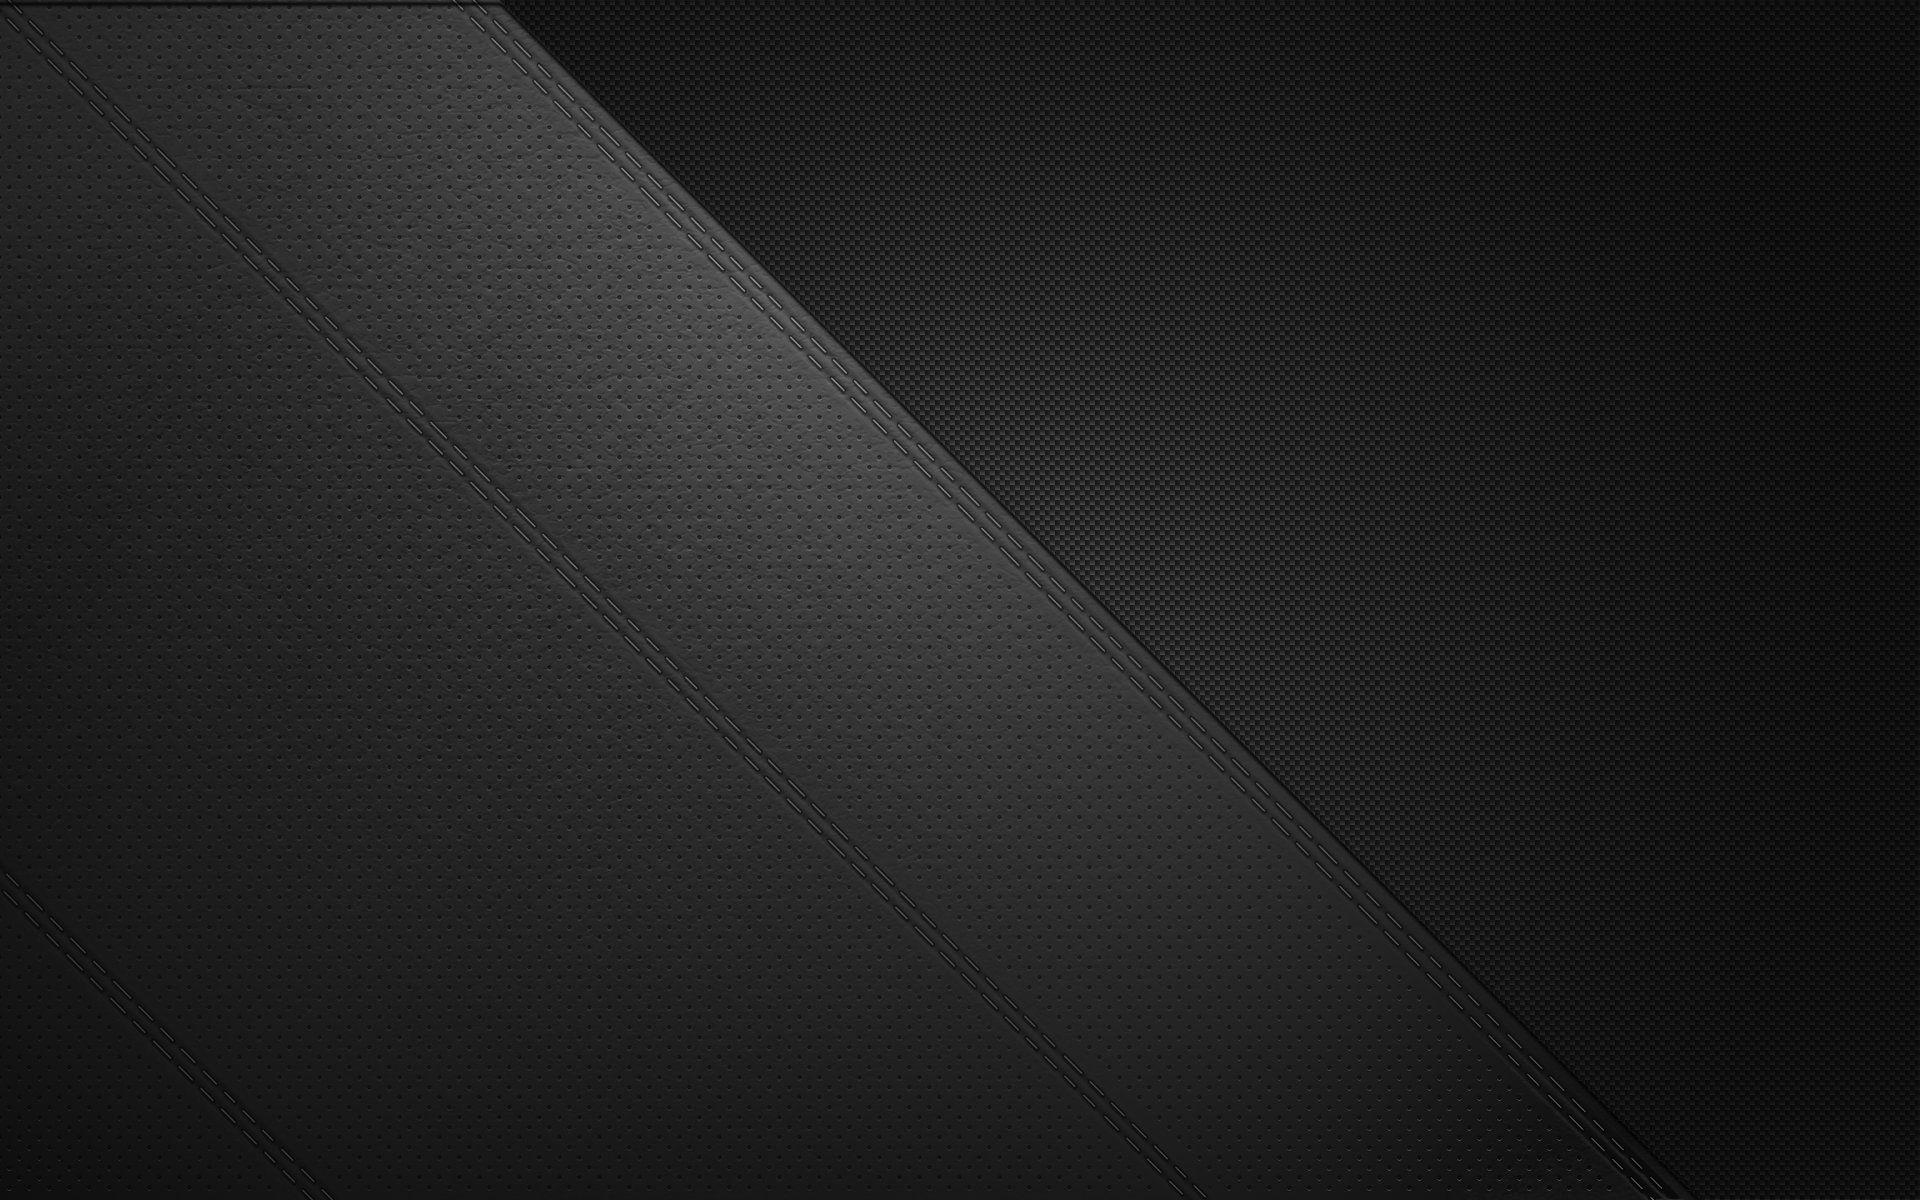 52572 Заставки и Обои Текстуры на телефон. Скачать Текстуры, Кожа, Текстура, Темный, Швы картинки бесплатно